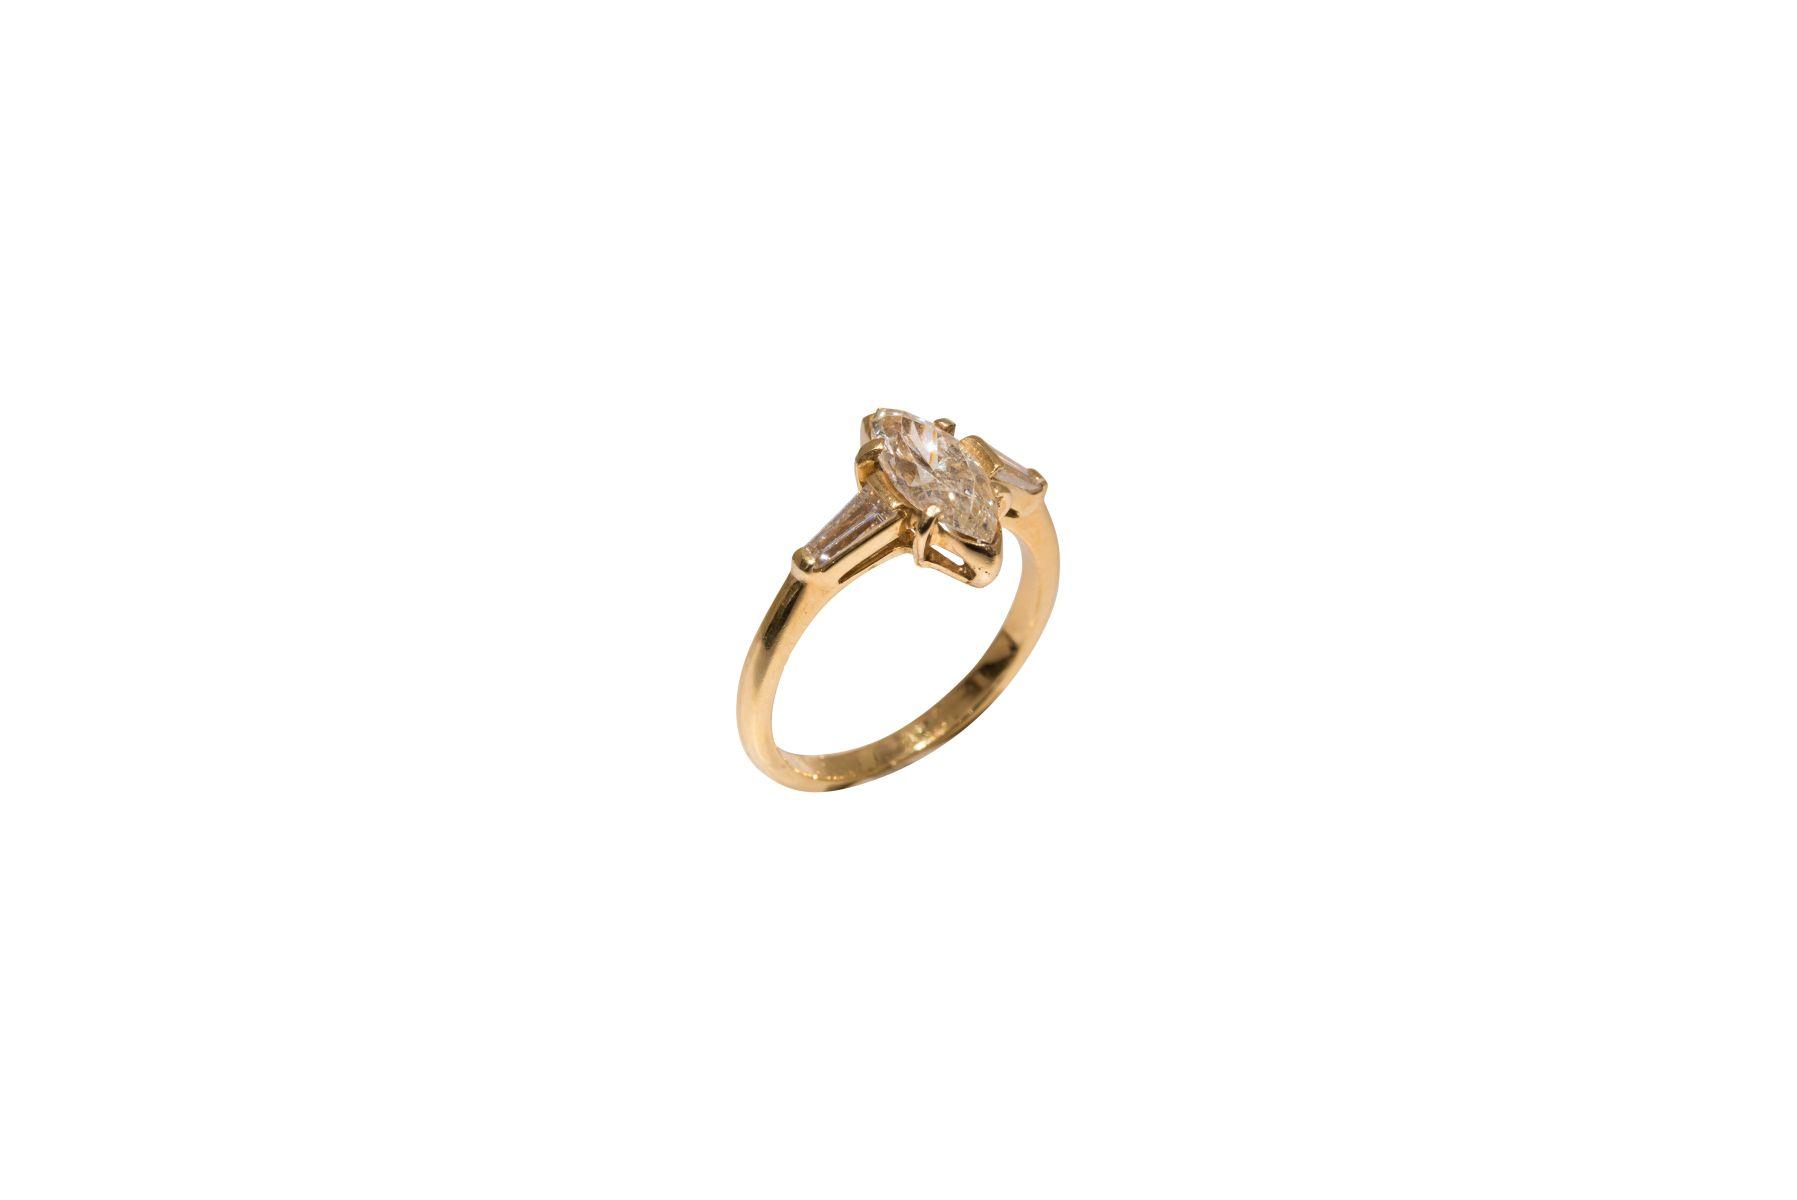 #183 Ring | Ring Image